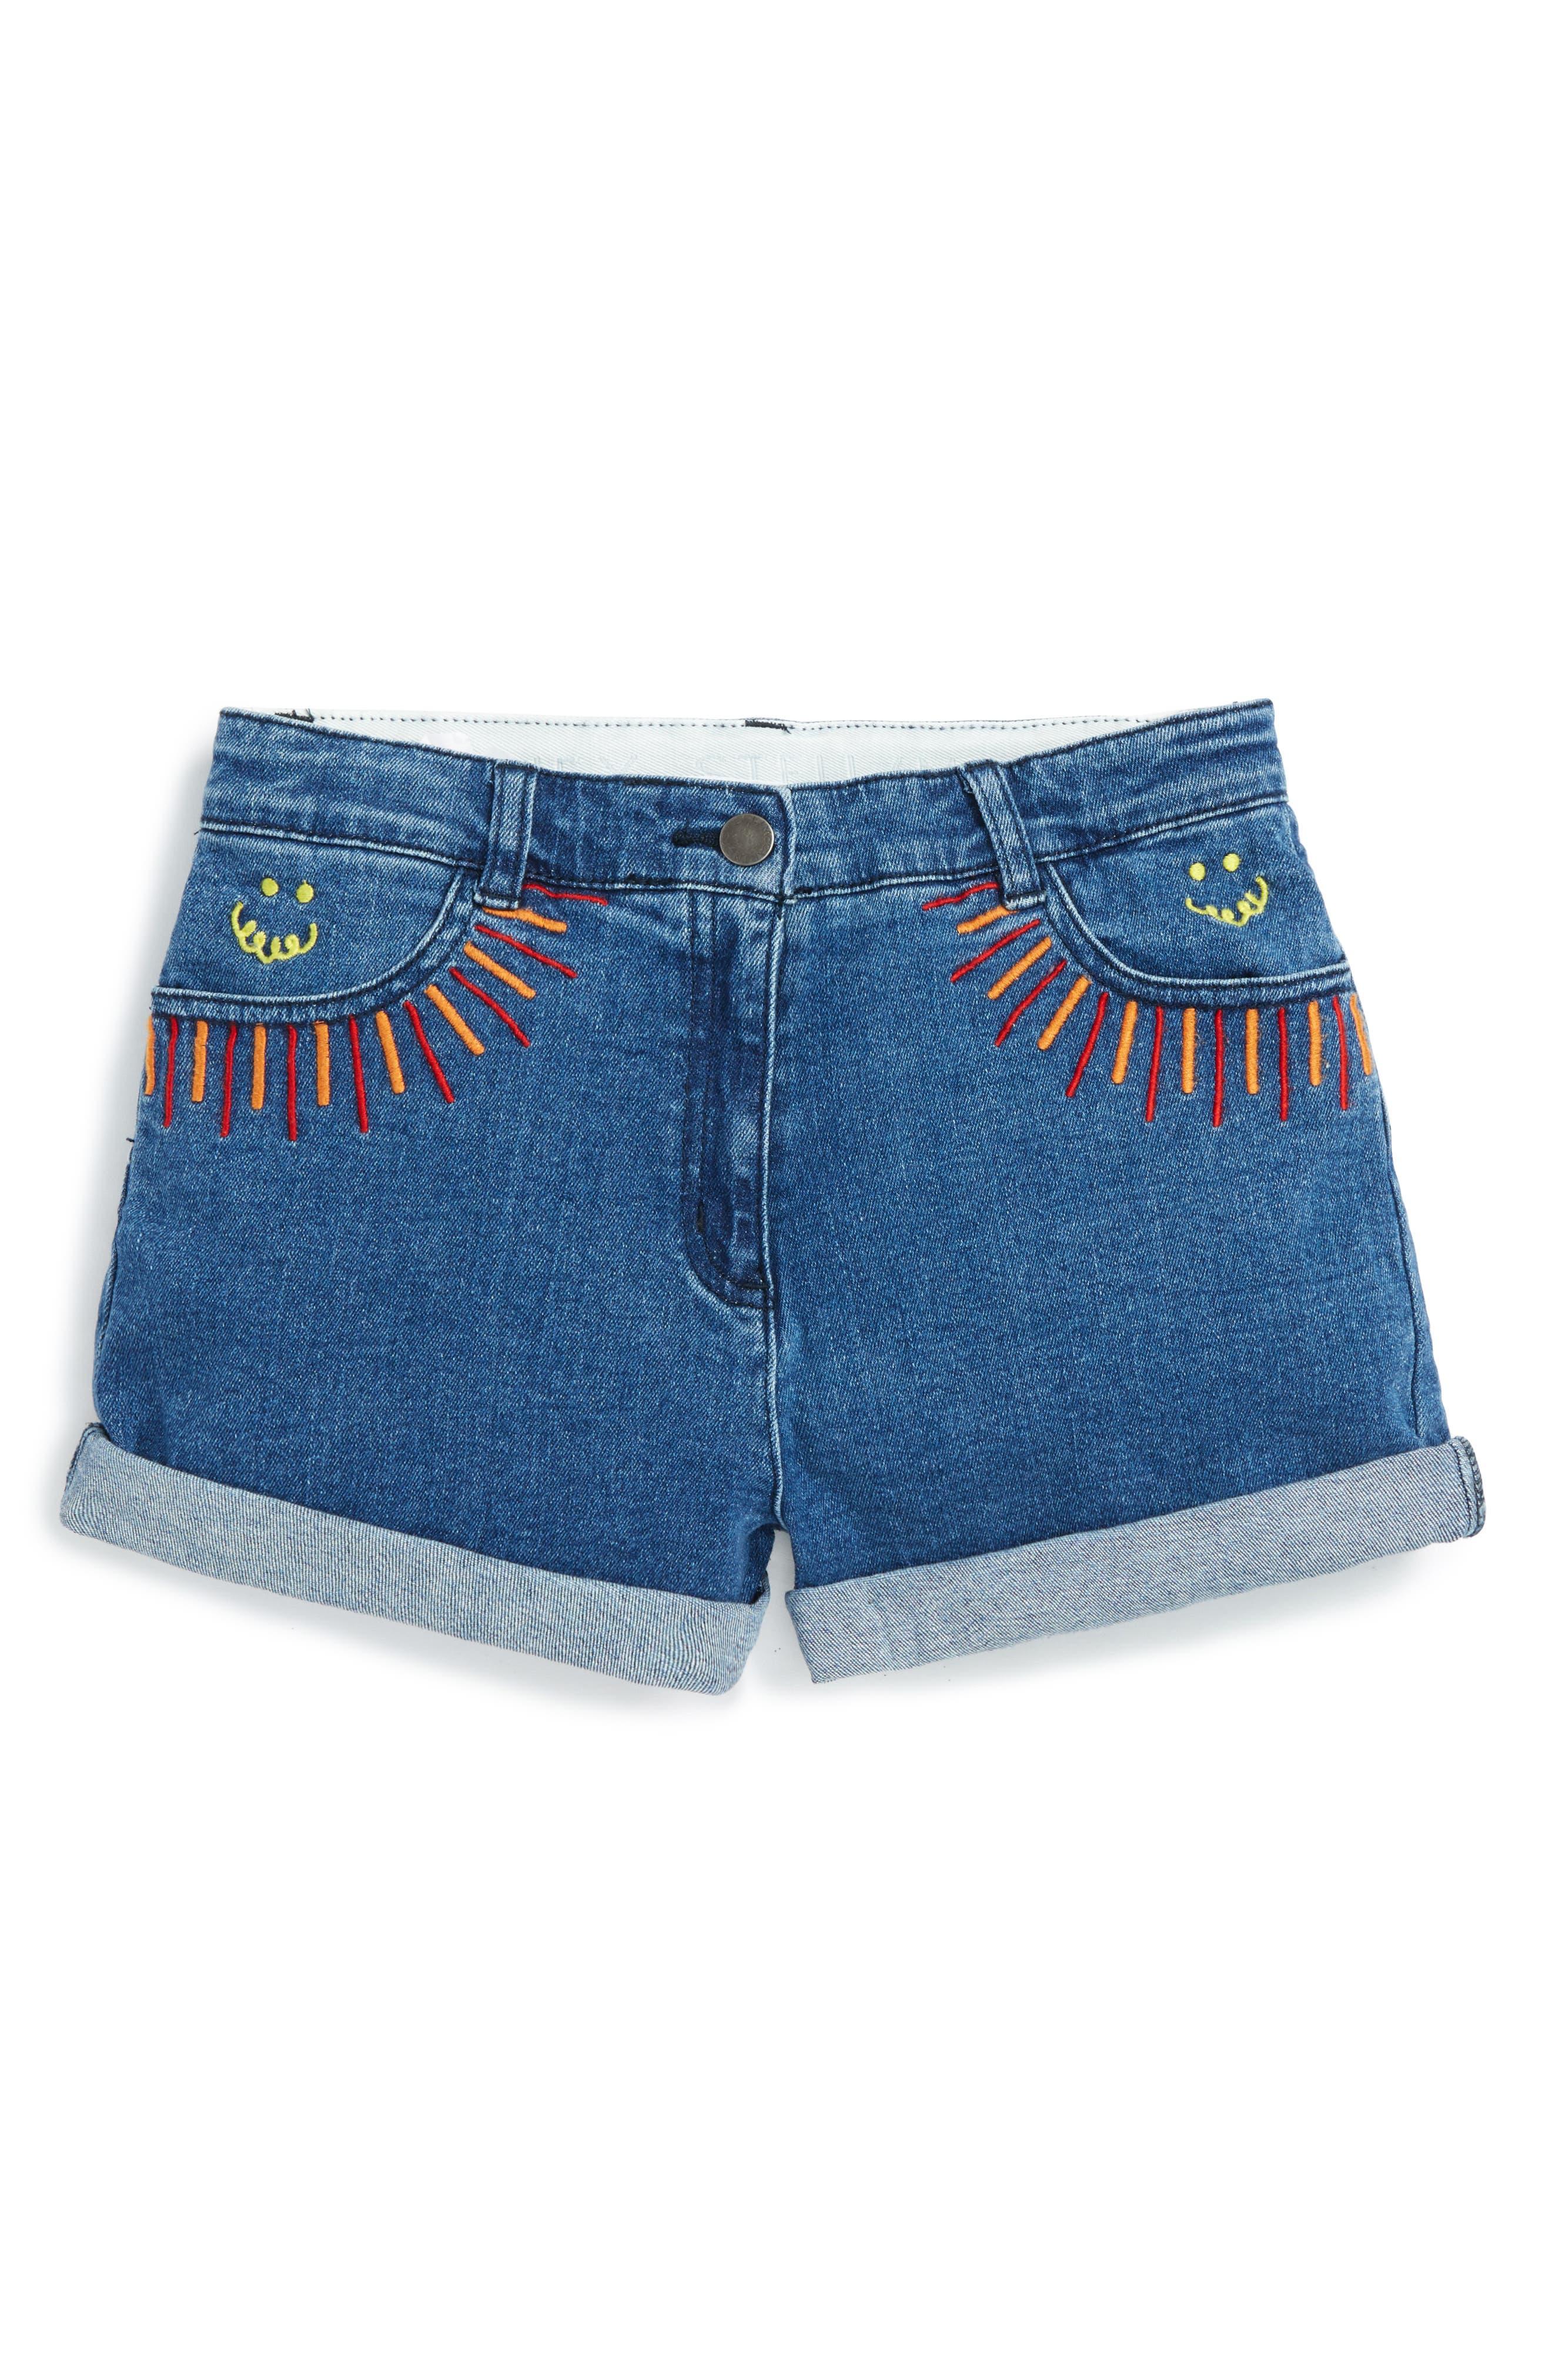 Stella McCartney Kids Eddie Rainbow Embroidered Denim Shorts (Toddler Girls, Little Girls & Big Girls)